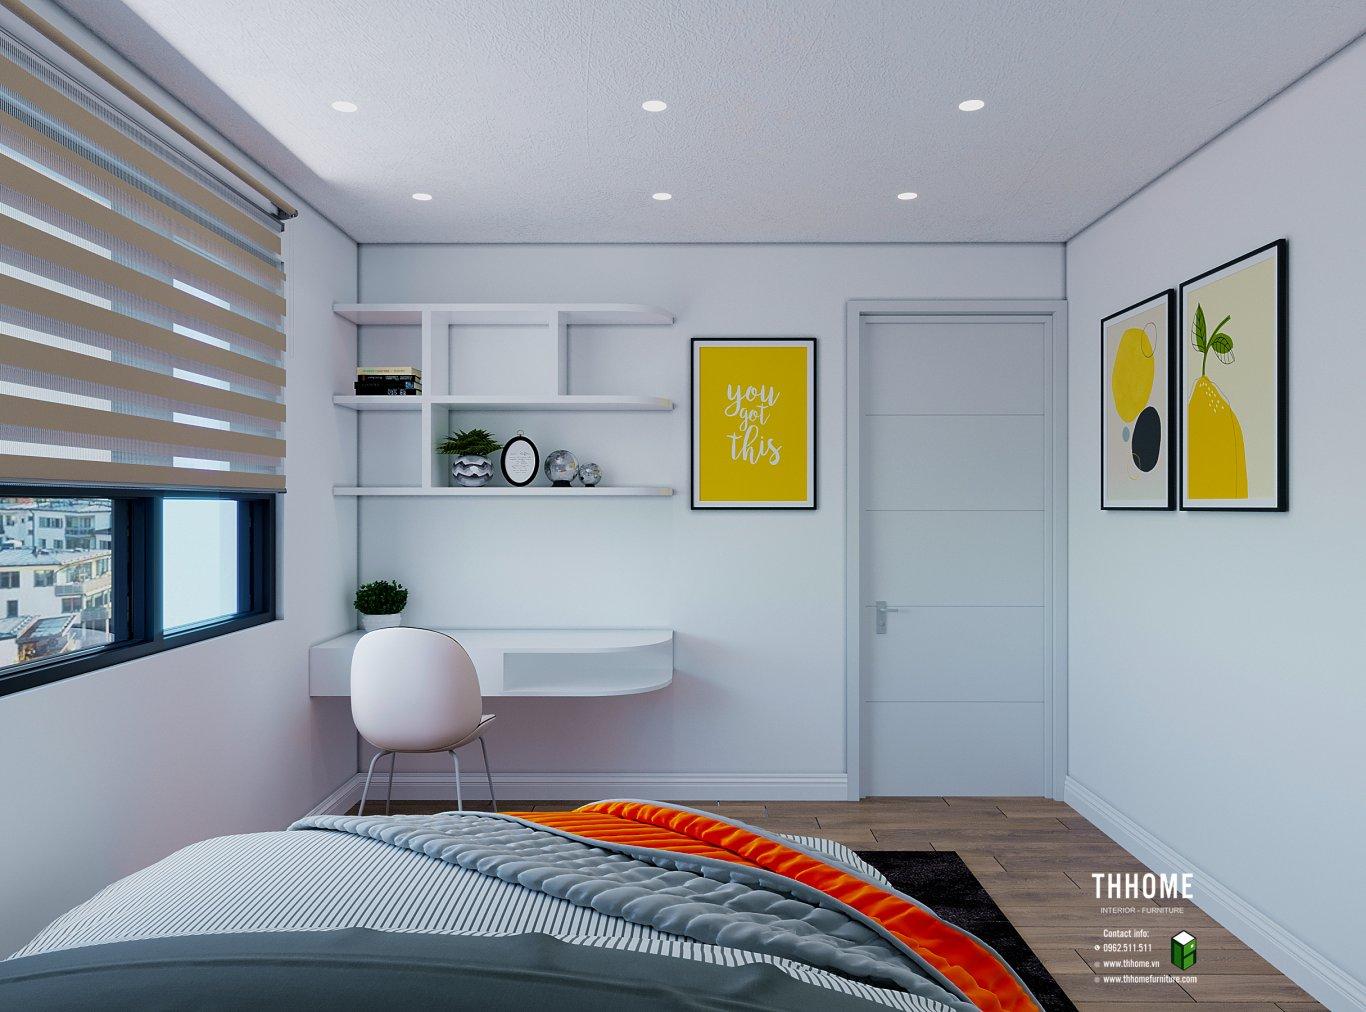 Căn hộ 86m2 với phòng ngủ con trai được thiết kế gọn gàng tiết kiệm diện tích